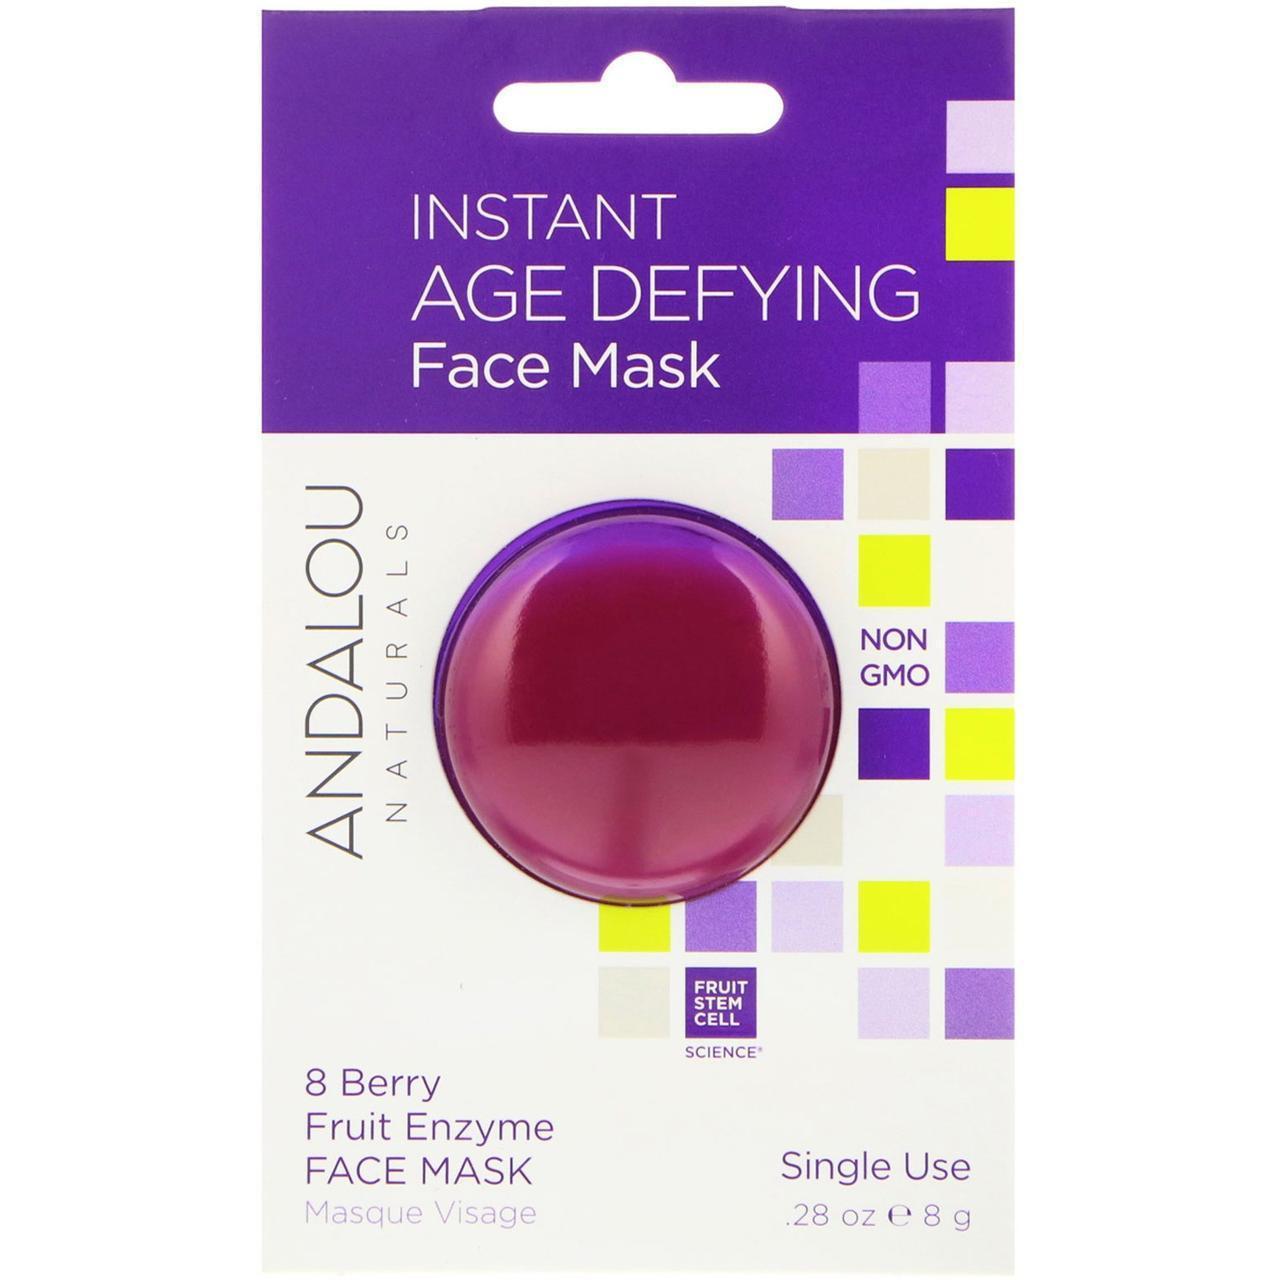 Плодово-ягодная маска 8 ферментов, Мгновенное омоложение, 8 g, Andalou Naturals